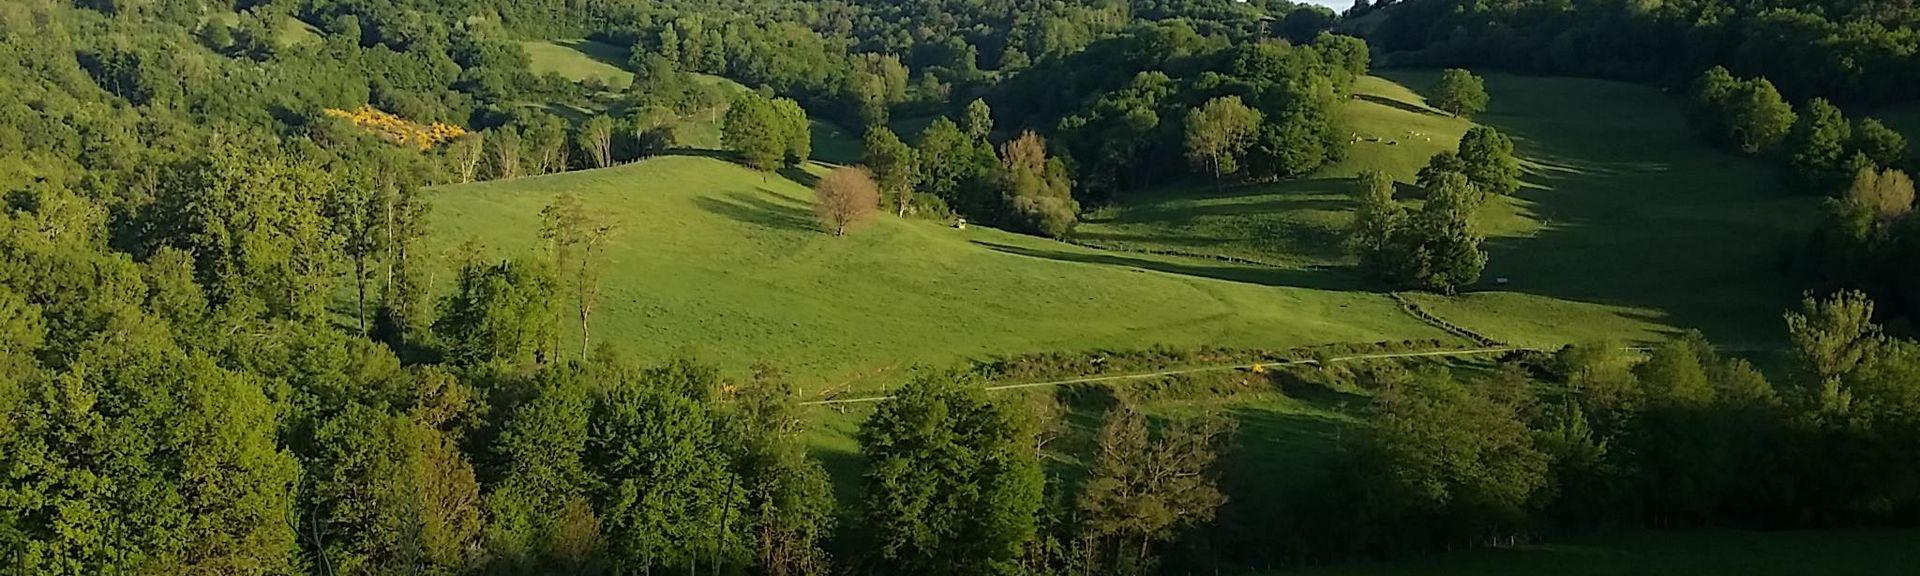 Saint-Hilaire-Peyroux, Corrèze (departement), Frankrijk